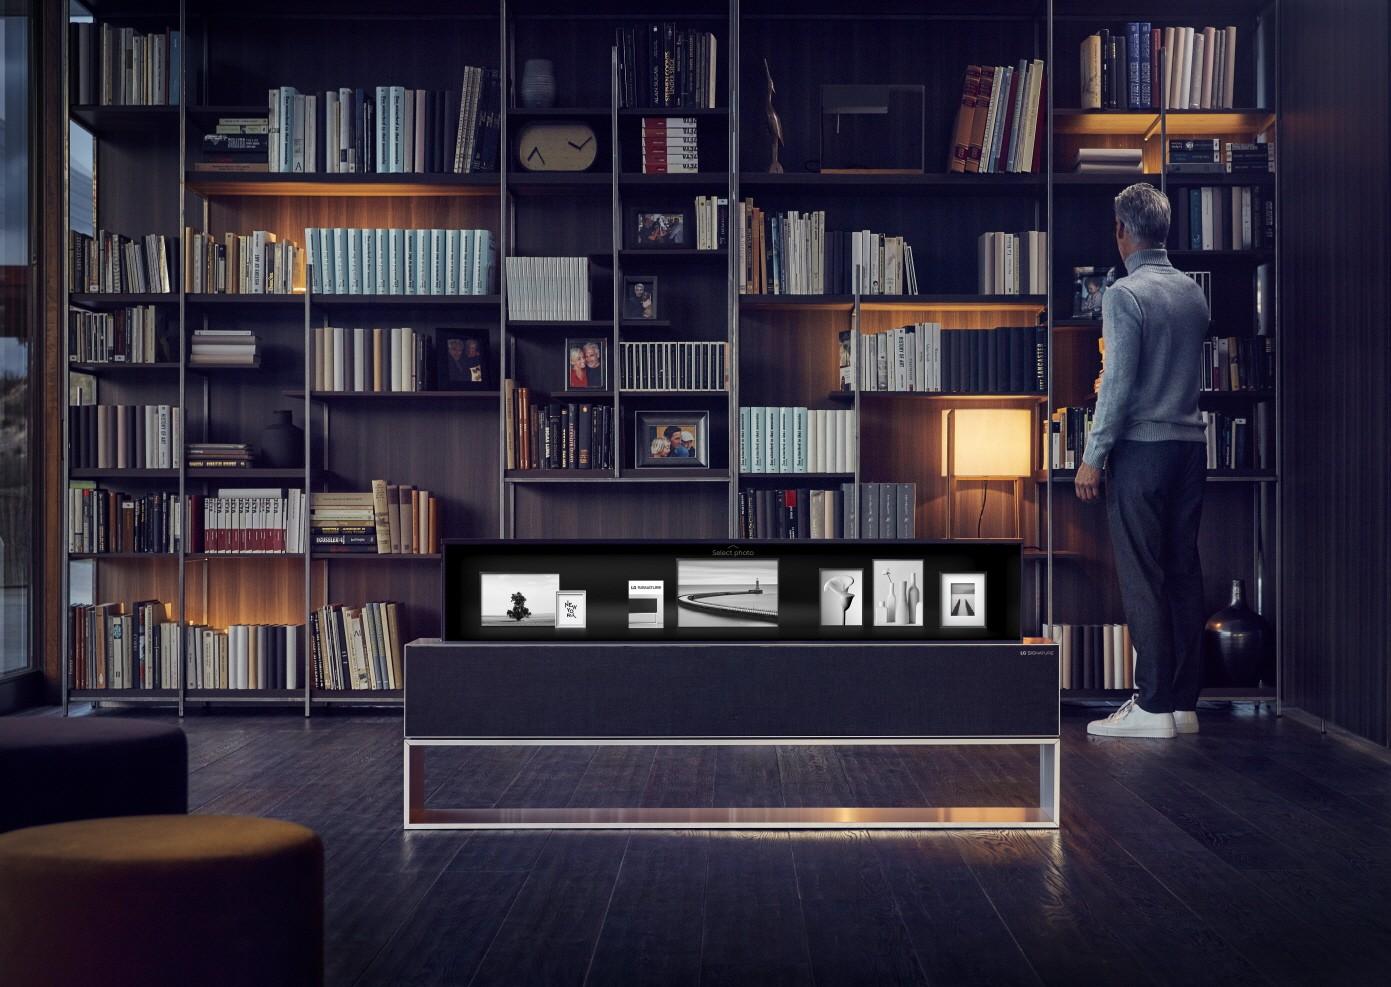 LG-OLED-TV-R-Line-01